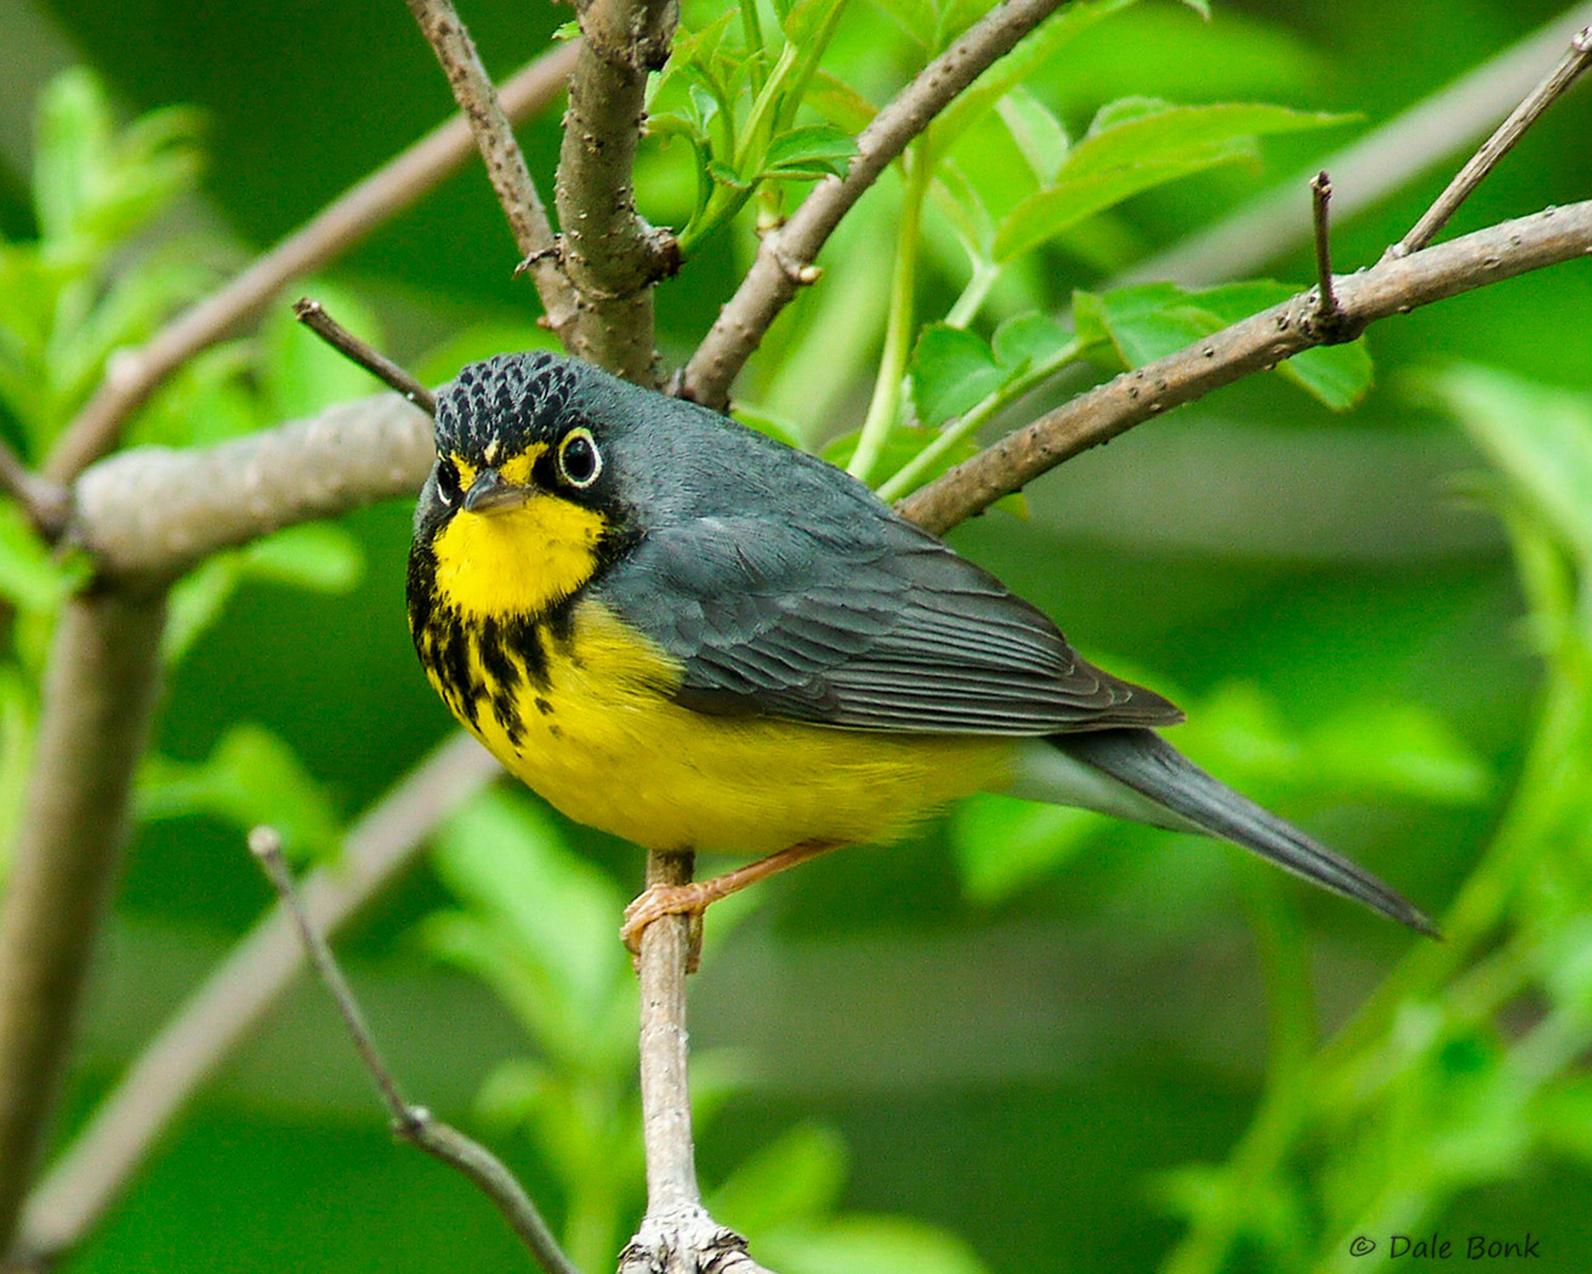 Michigan, Migration, Canada Warbler, Birding